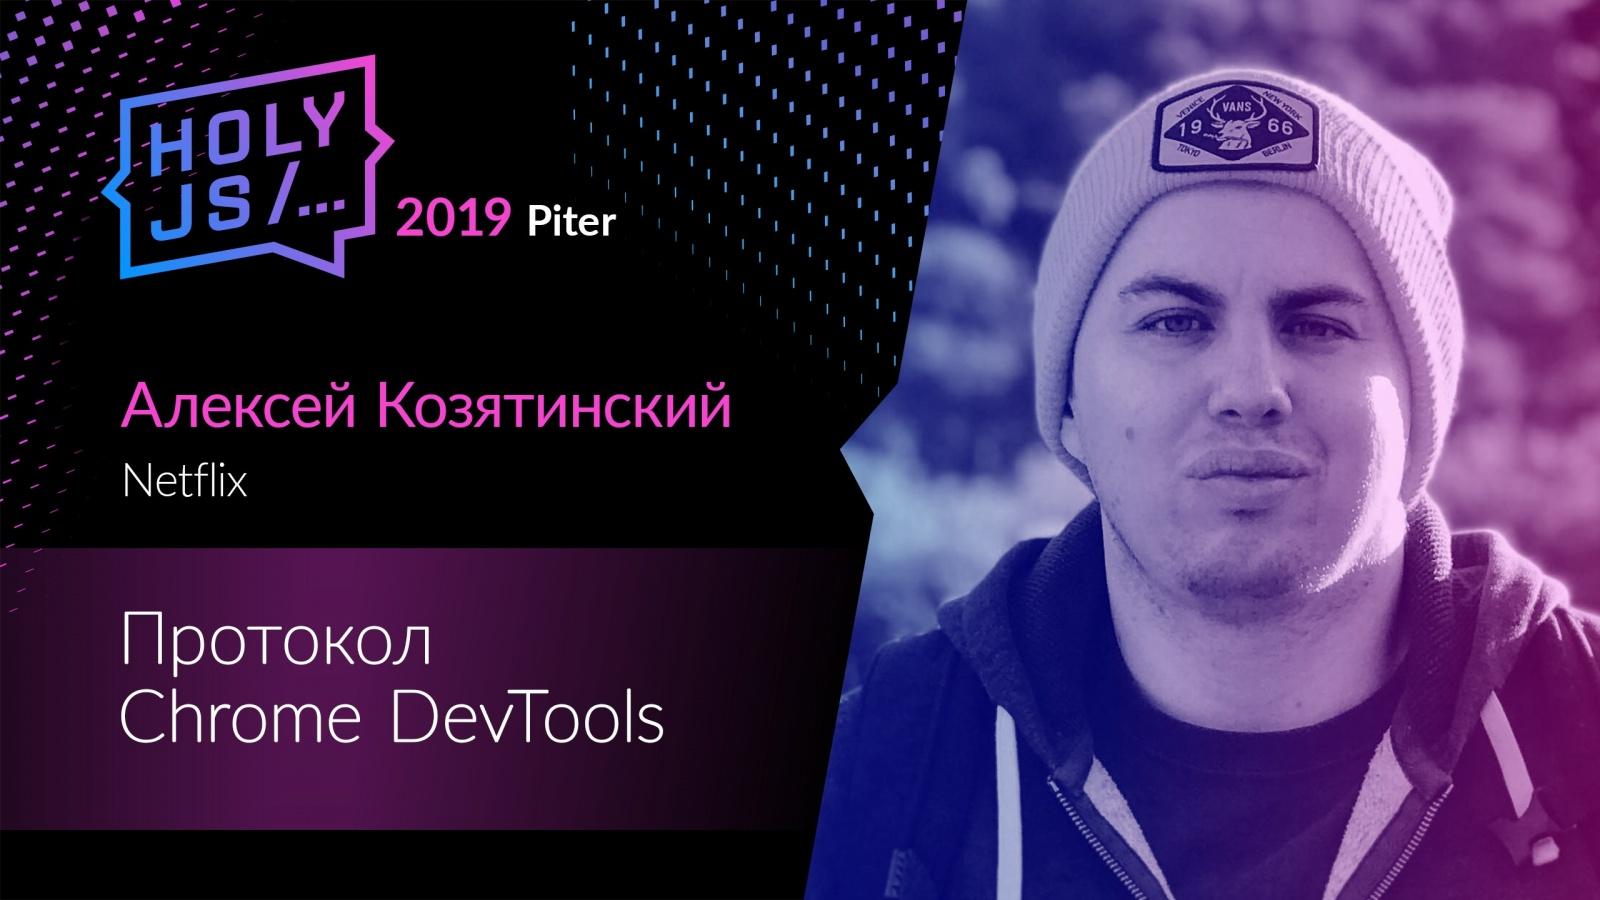 «Там надо знать и веб-стек, и C++»: интервью с Алексеем Козятинским о разработке Chrome DevTools и не только - 1